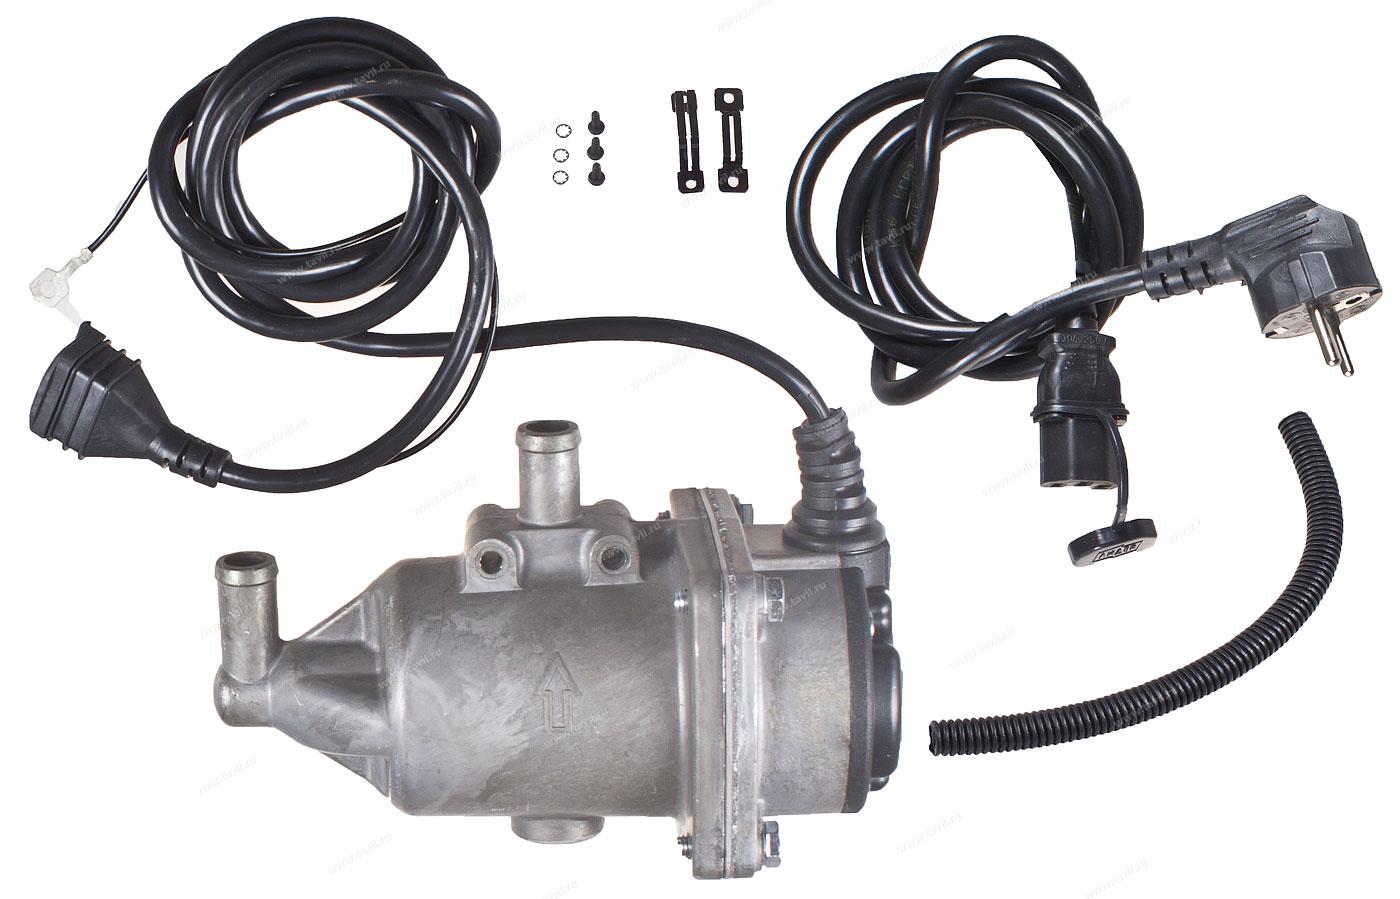 Подогреватель двигателя 220В: устройство и установка